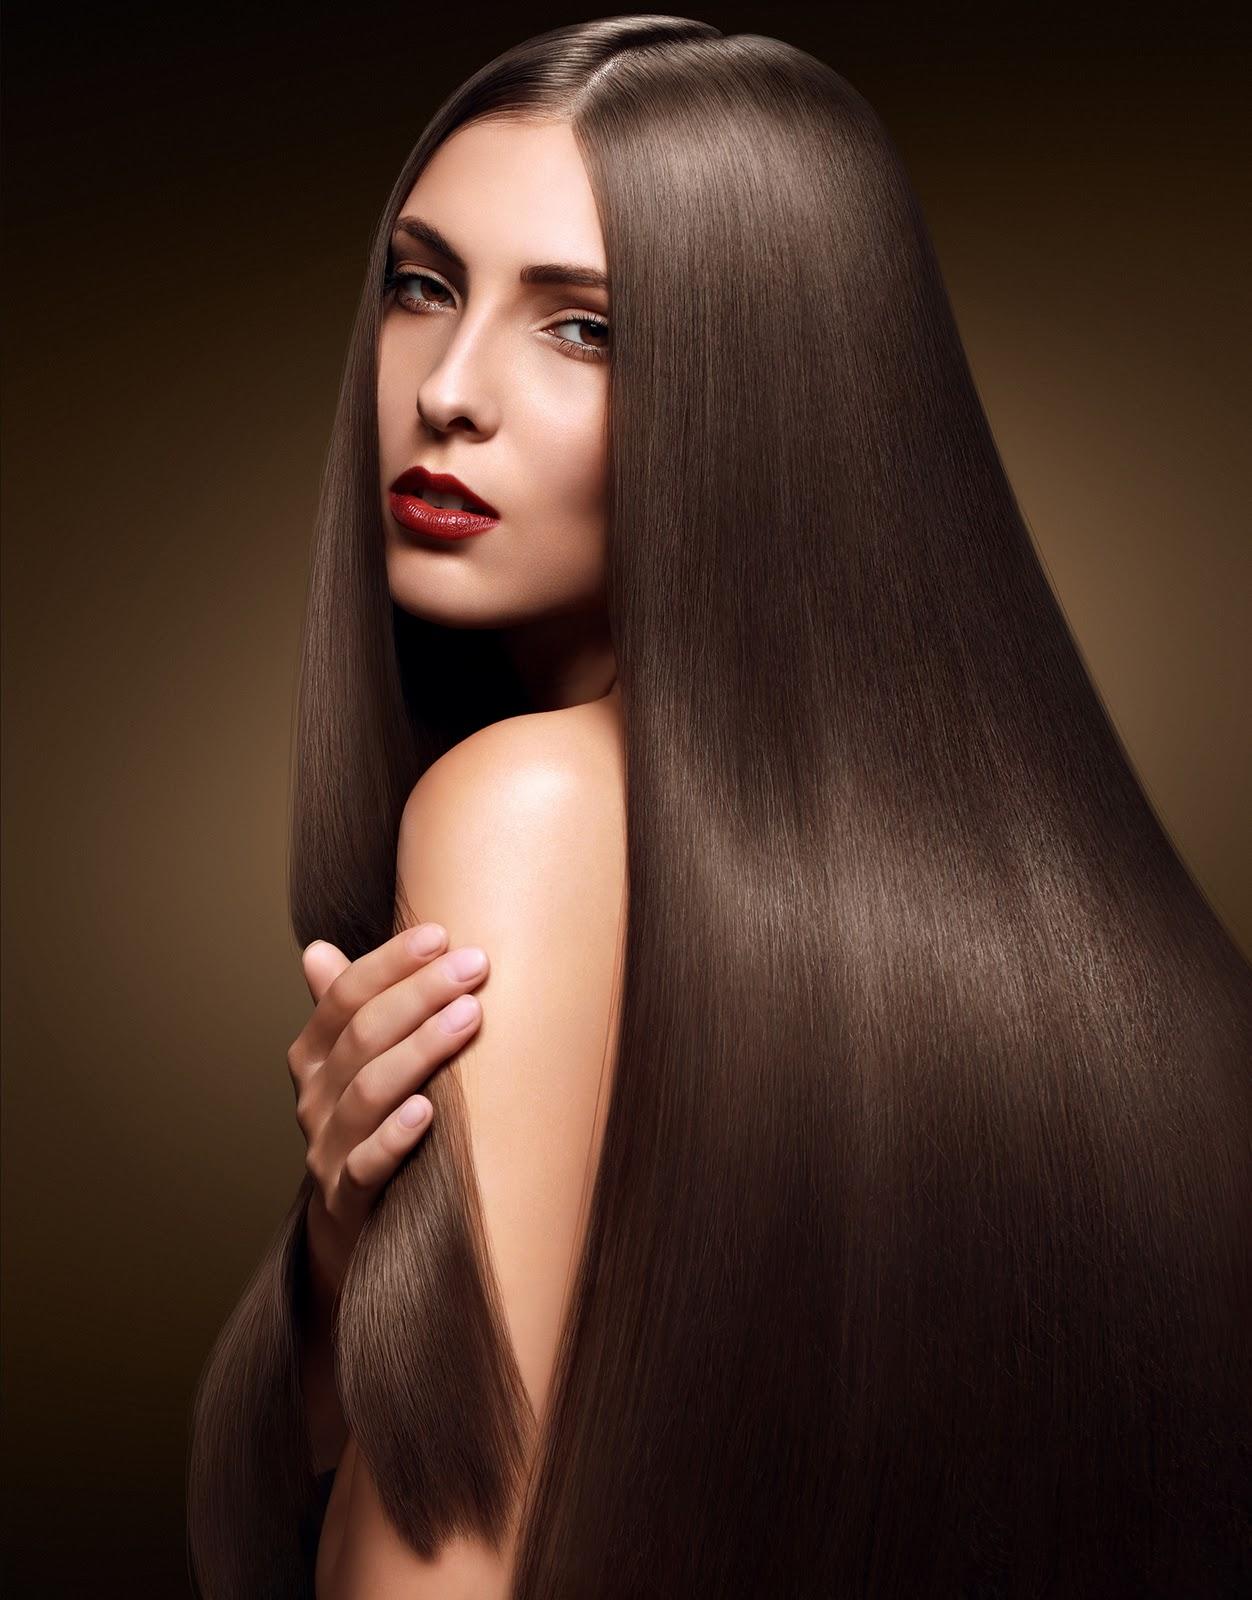 Menebak Kepribadian dari Model Rambut